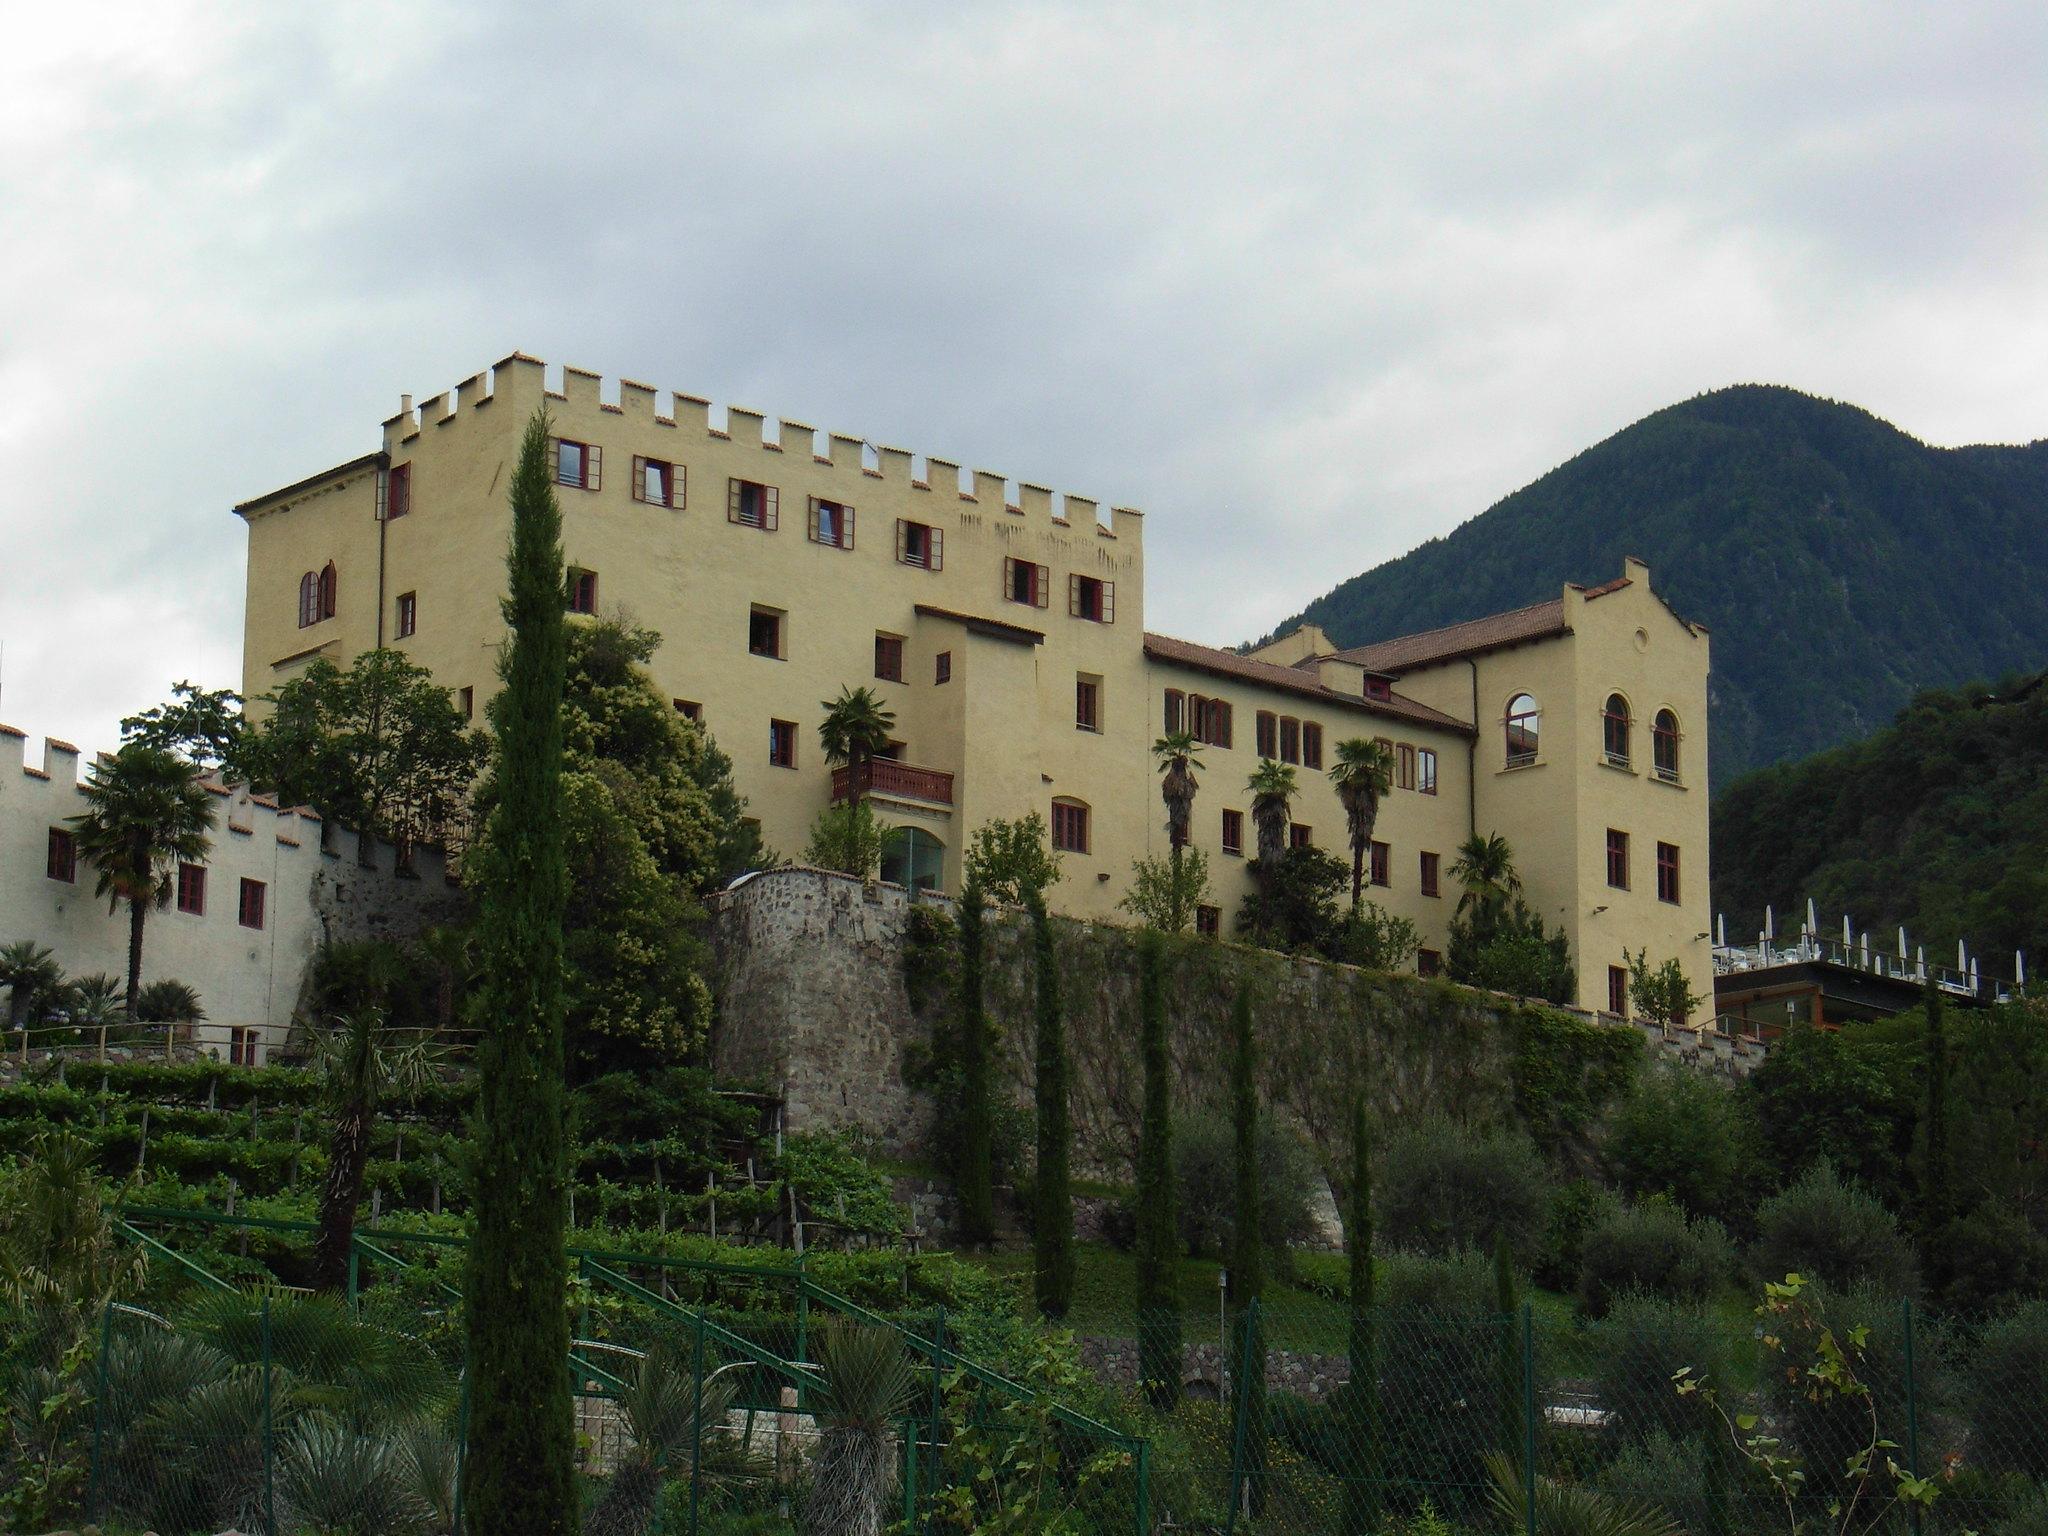 castello di trauttmansdorff merano